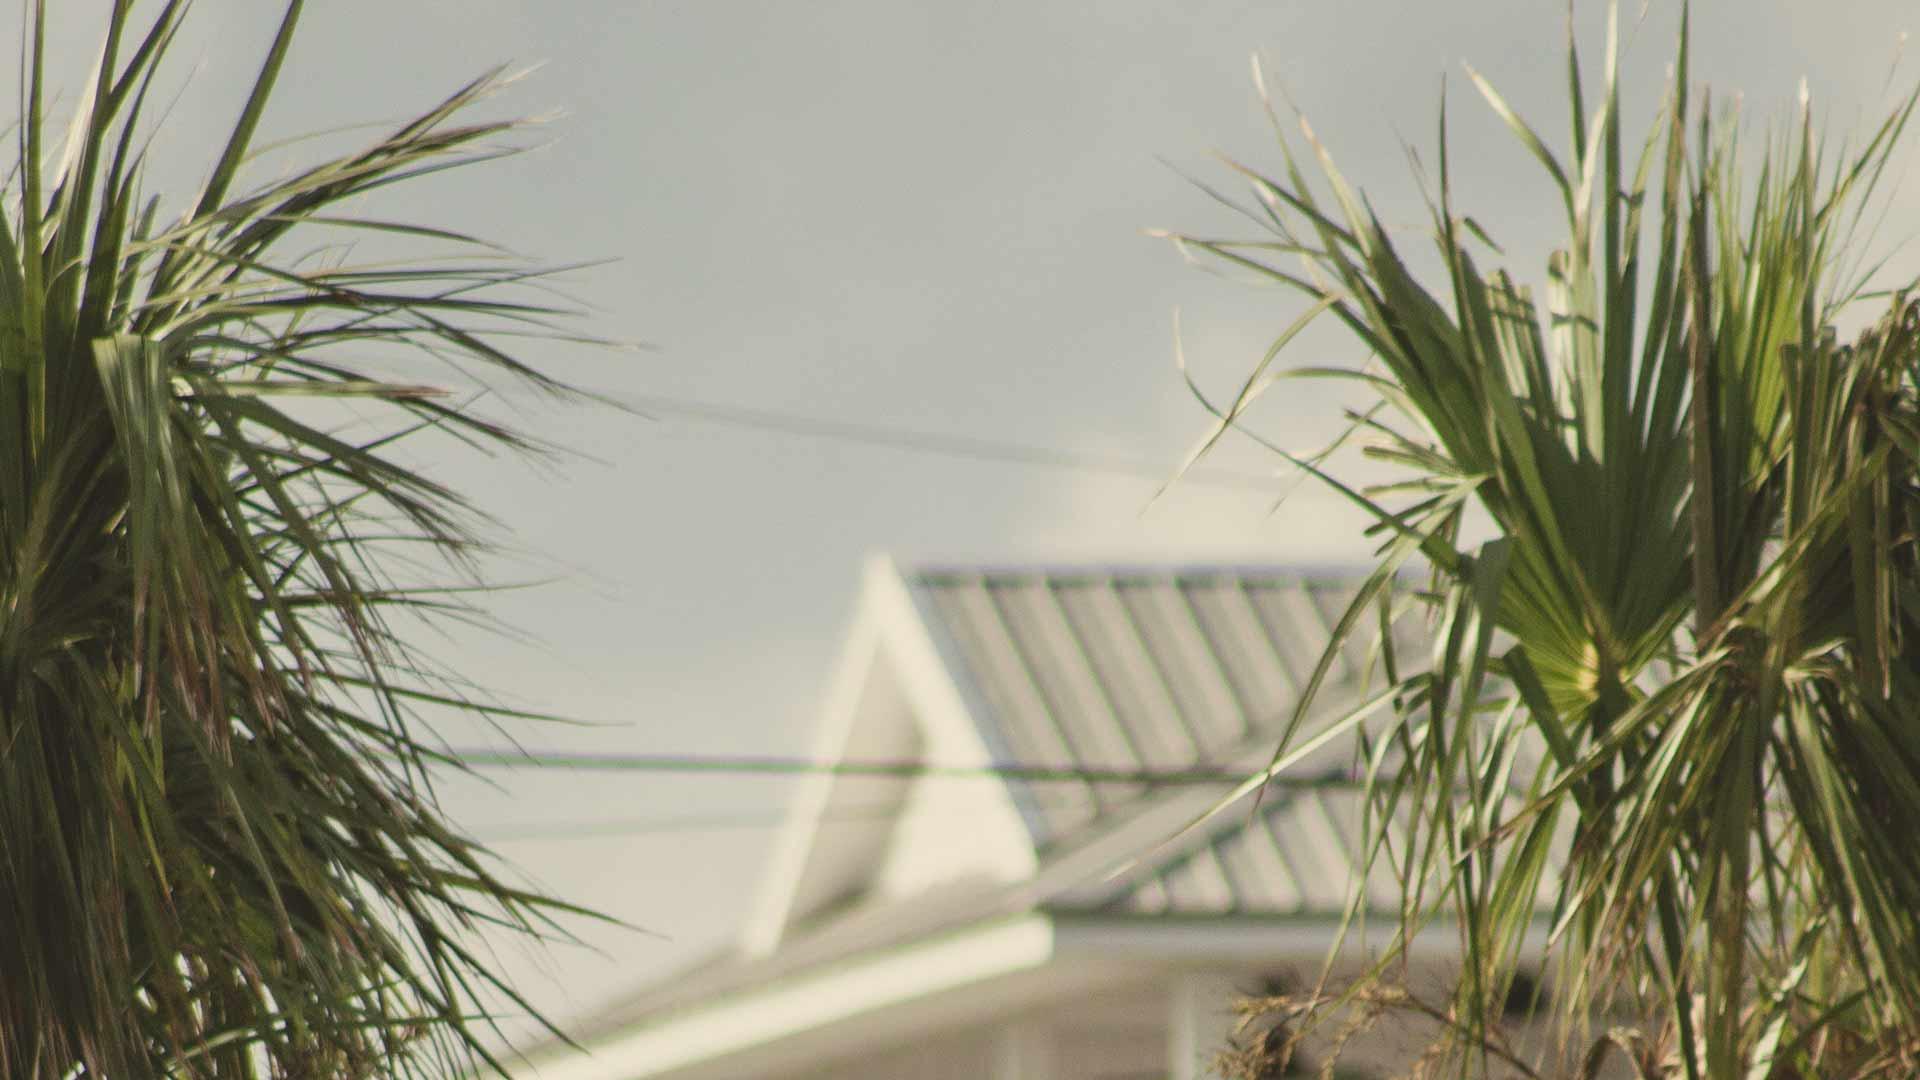 Haus vor Palmen in der Sonne